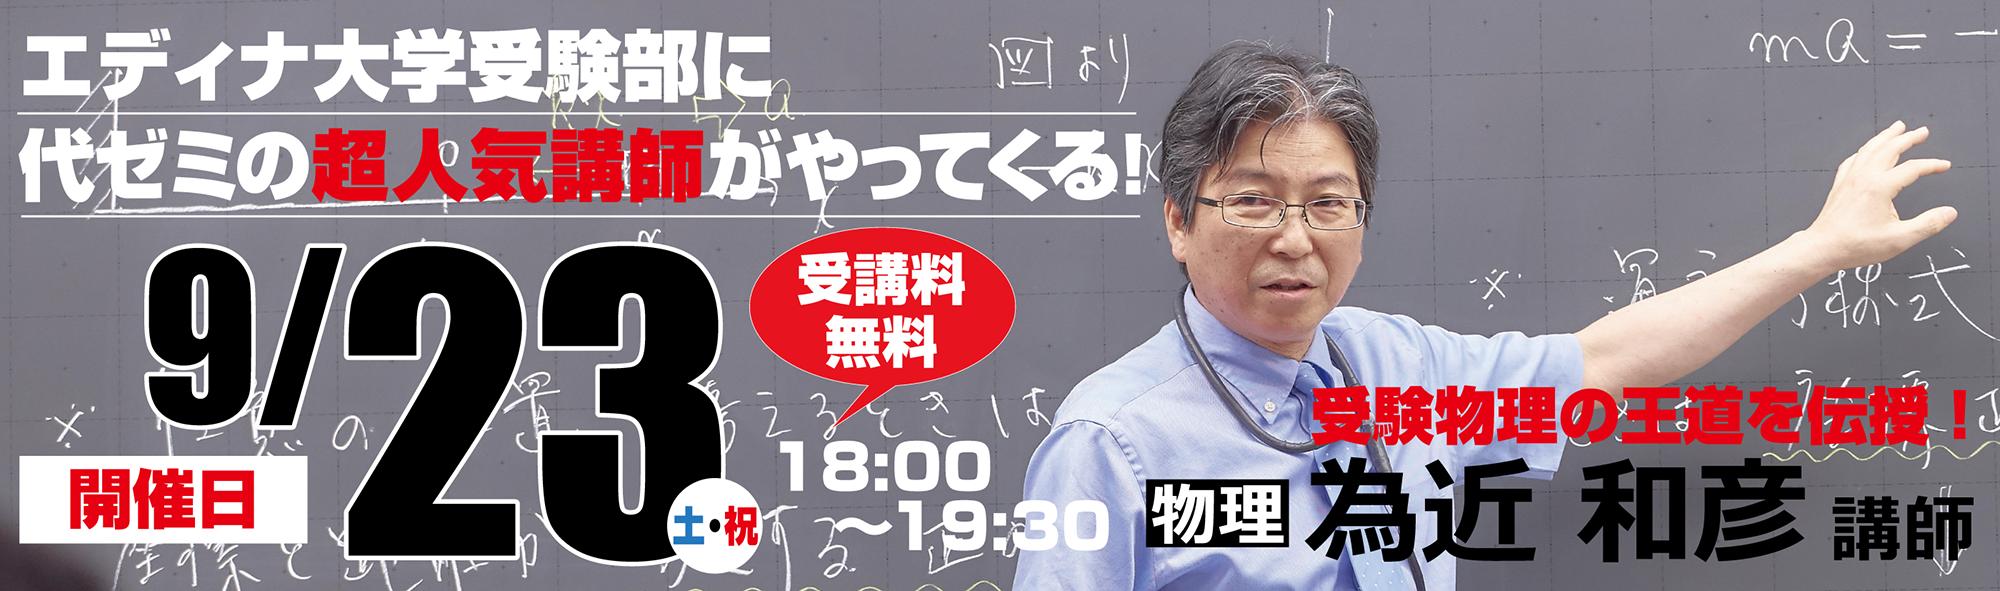 yozemi-event0923